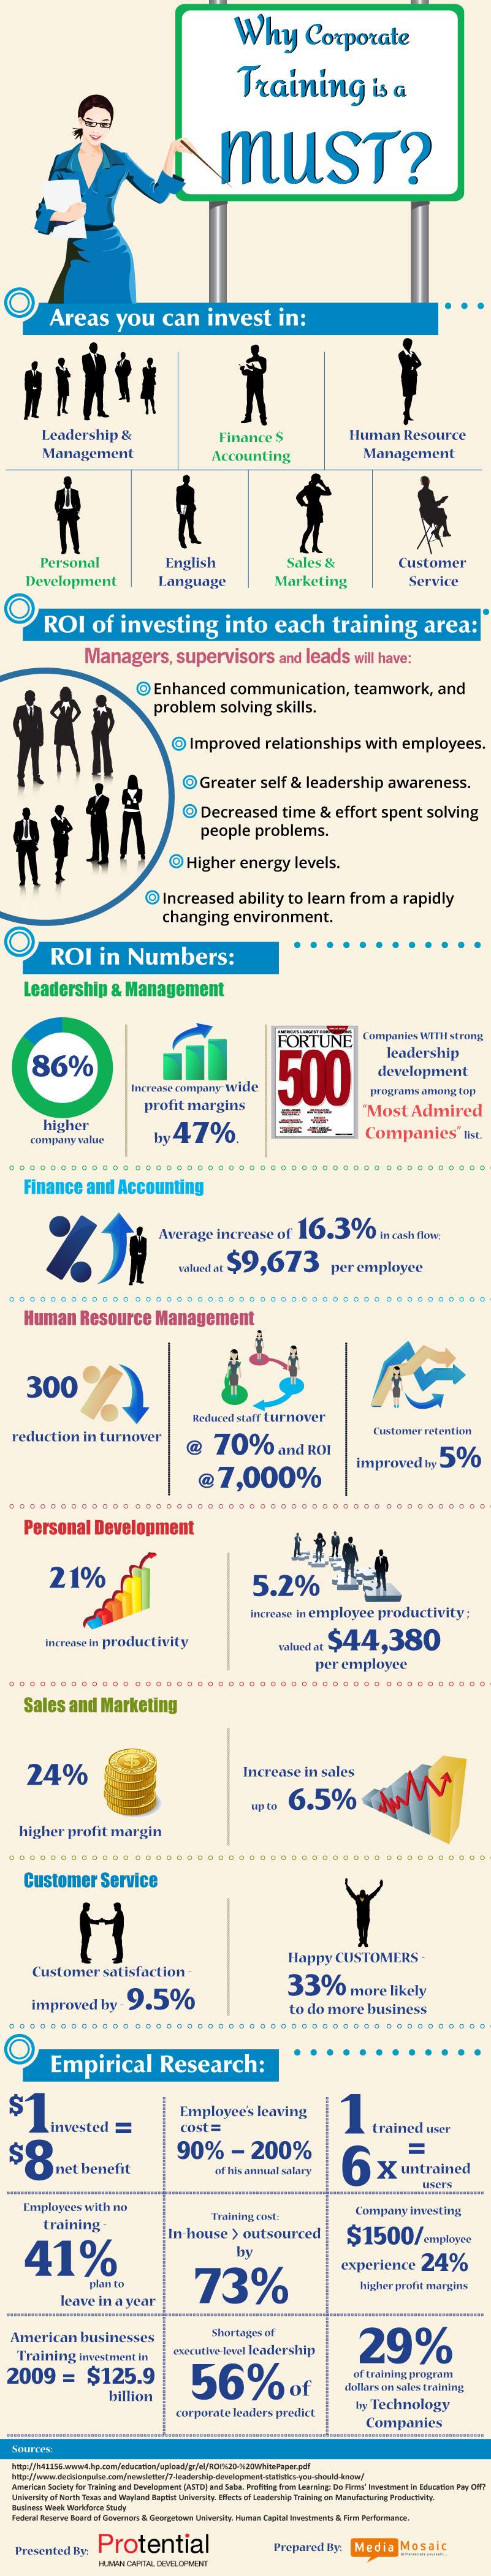 Por qué invertir en formación corporativa